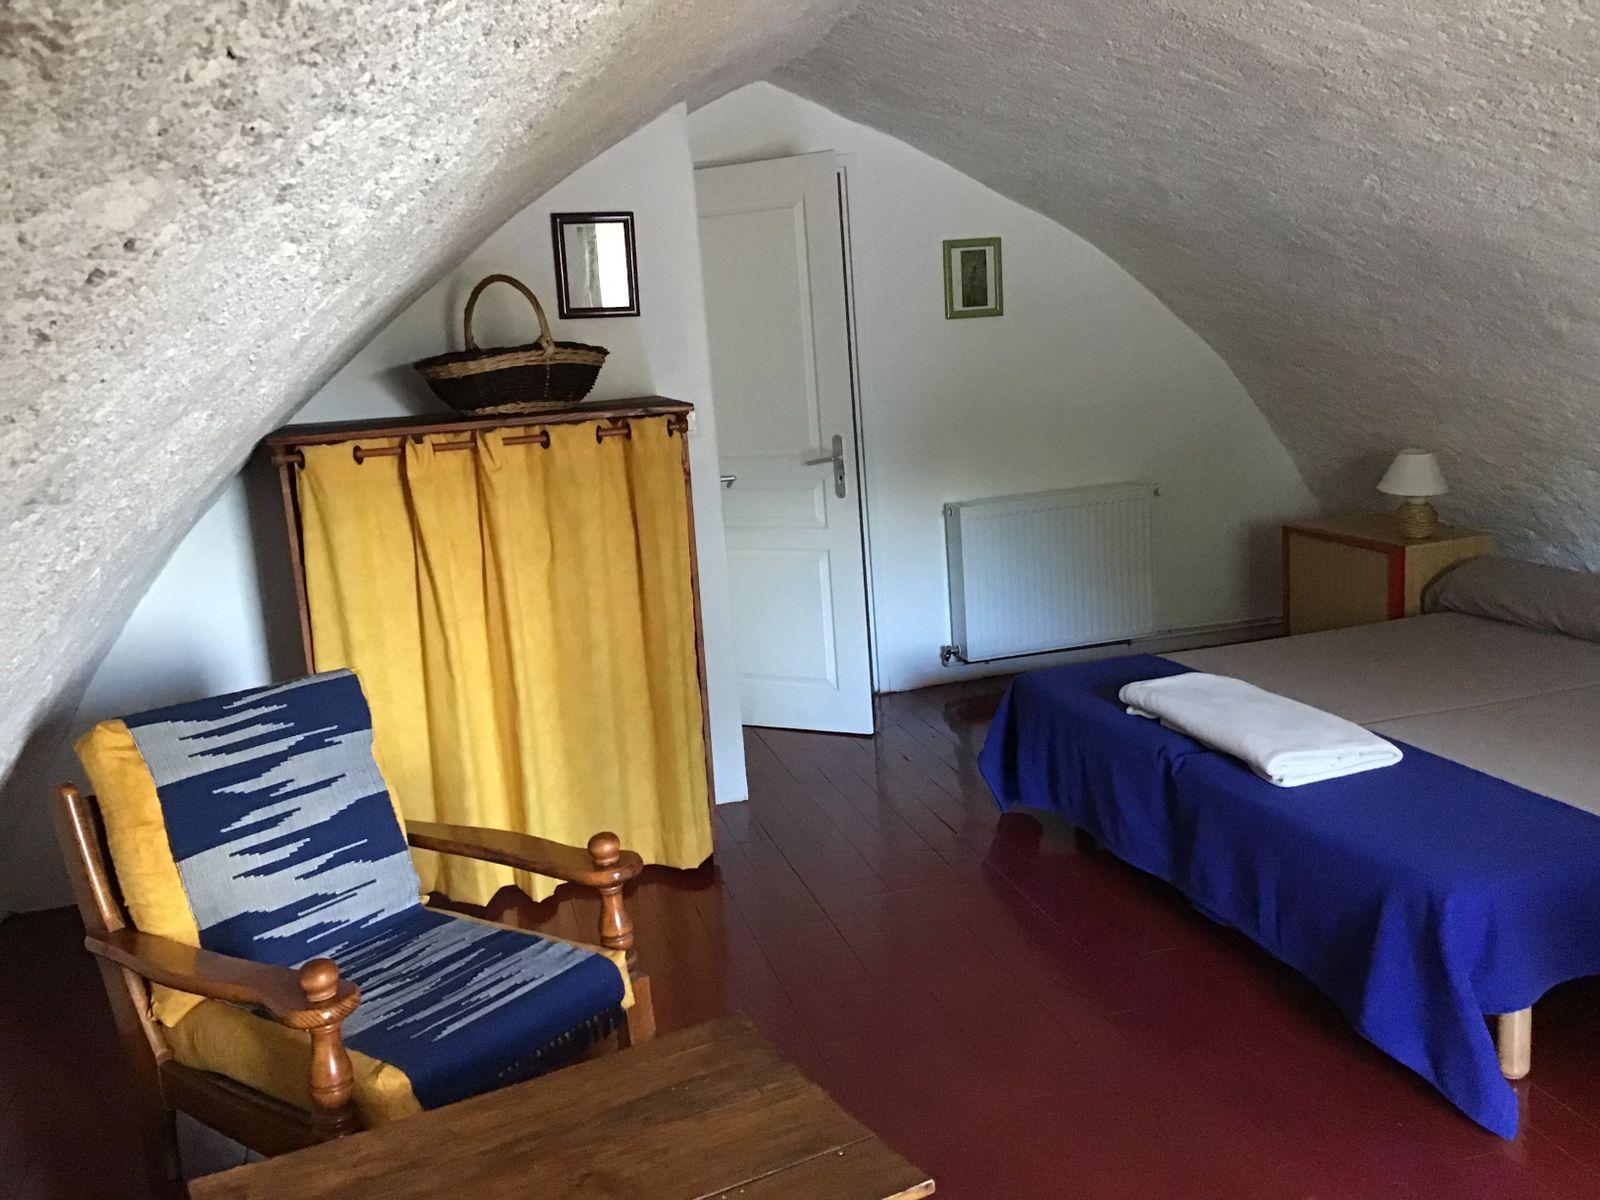 Cardabelle : chambre 2 personnes avec salle d'eau (douche, lavabo et WC indépendants)